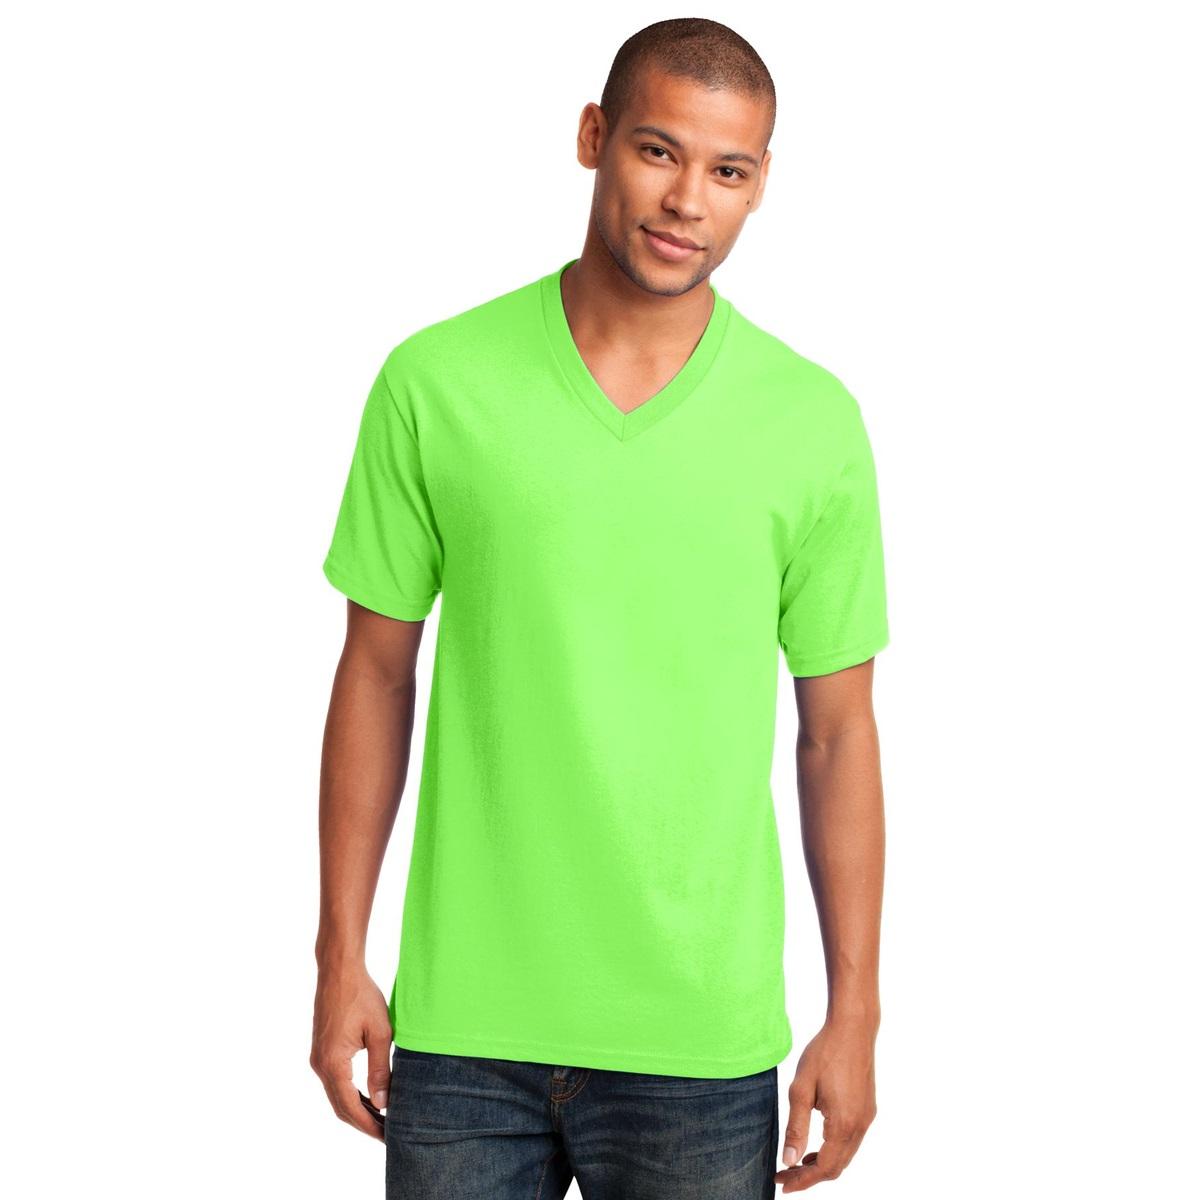 Port Amp Company Pc54v 5 4 Oz Cotton V Neck T Shirt Neon